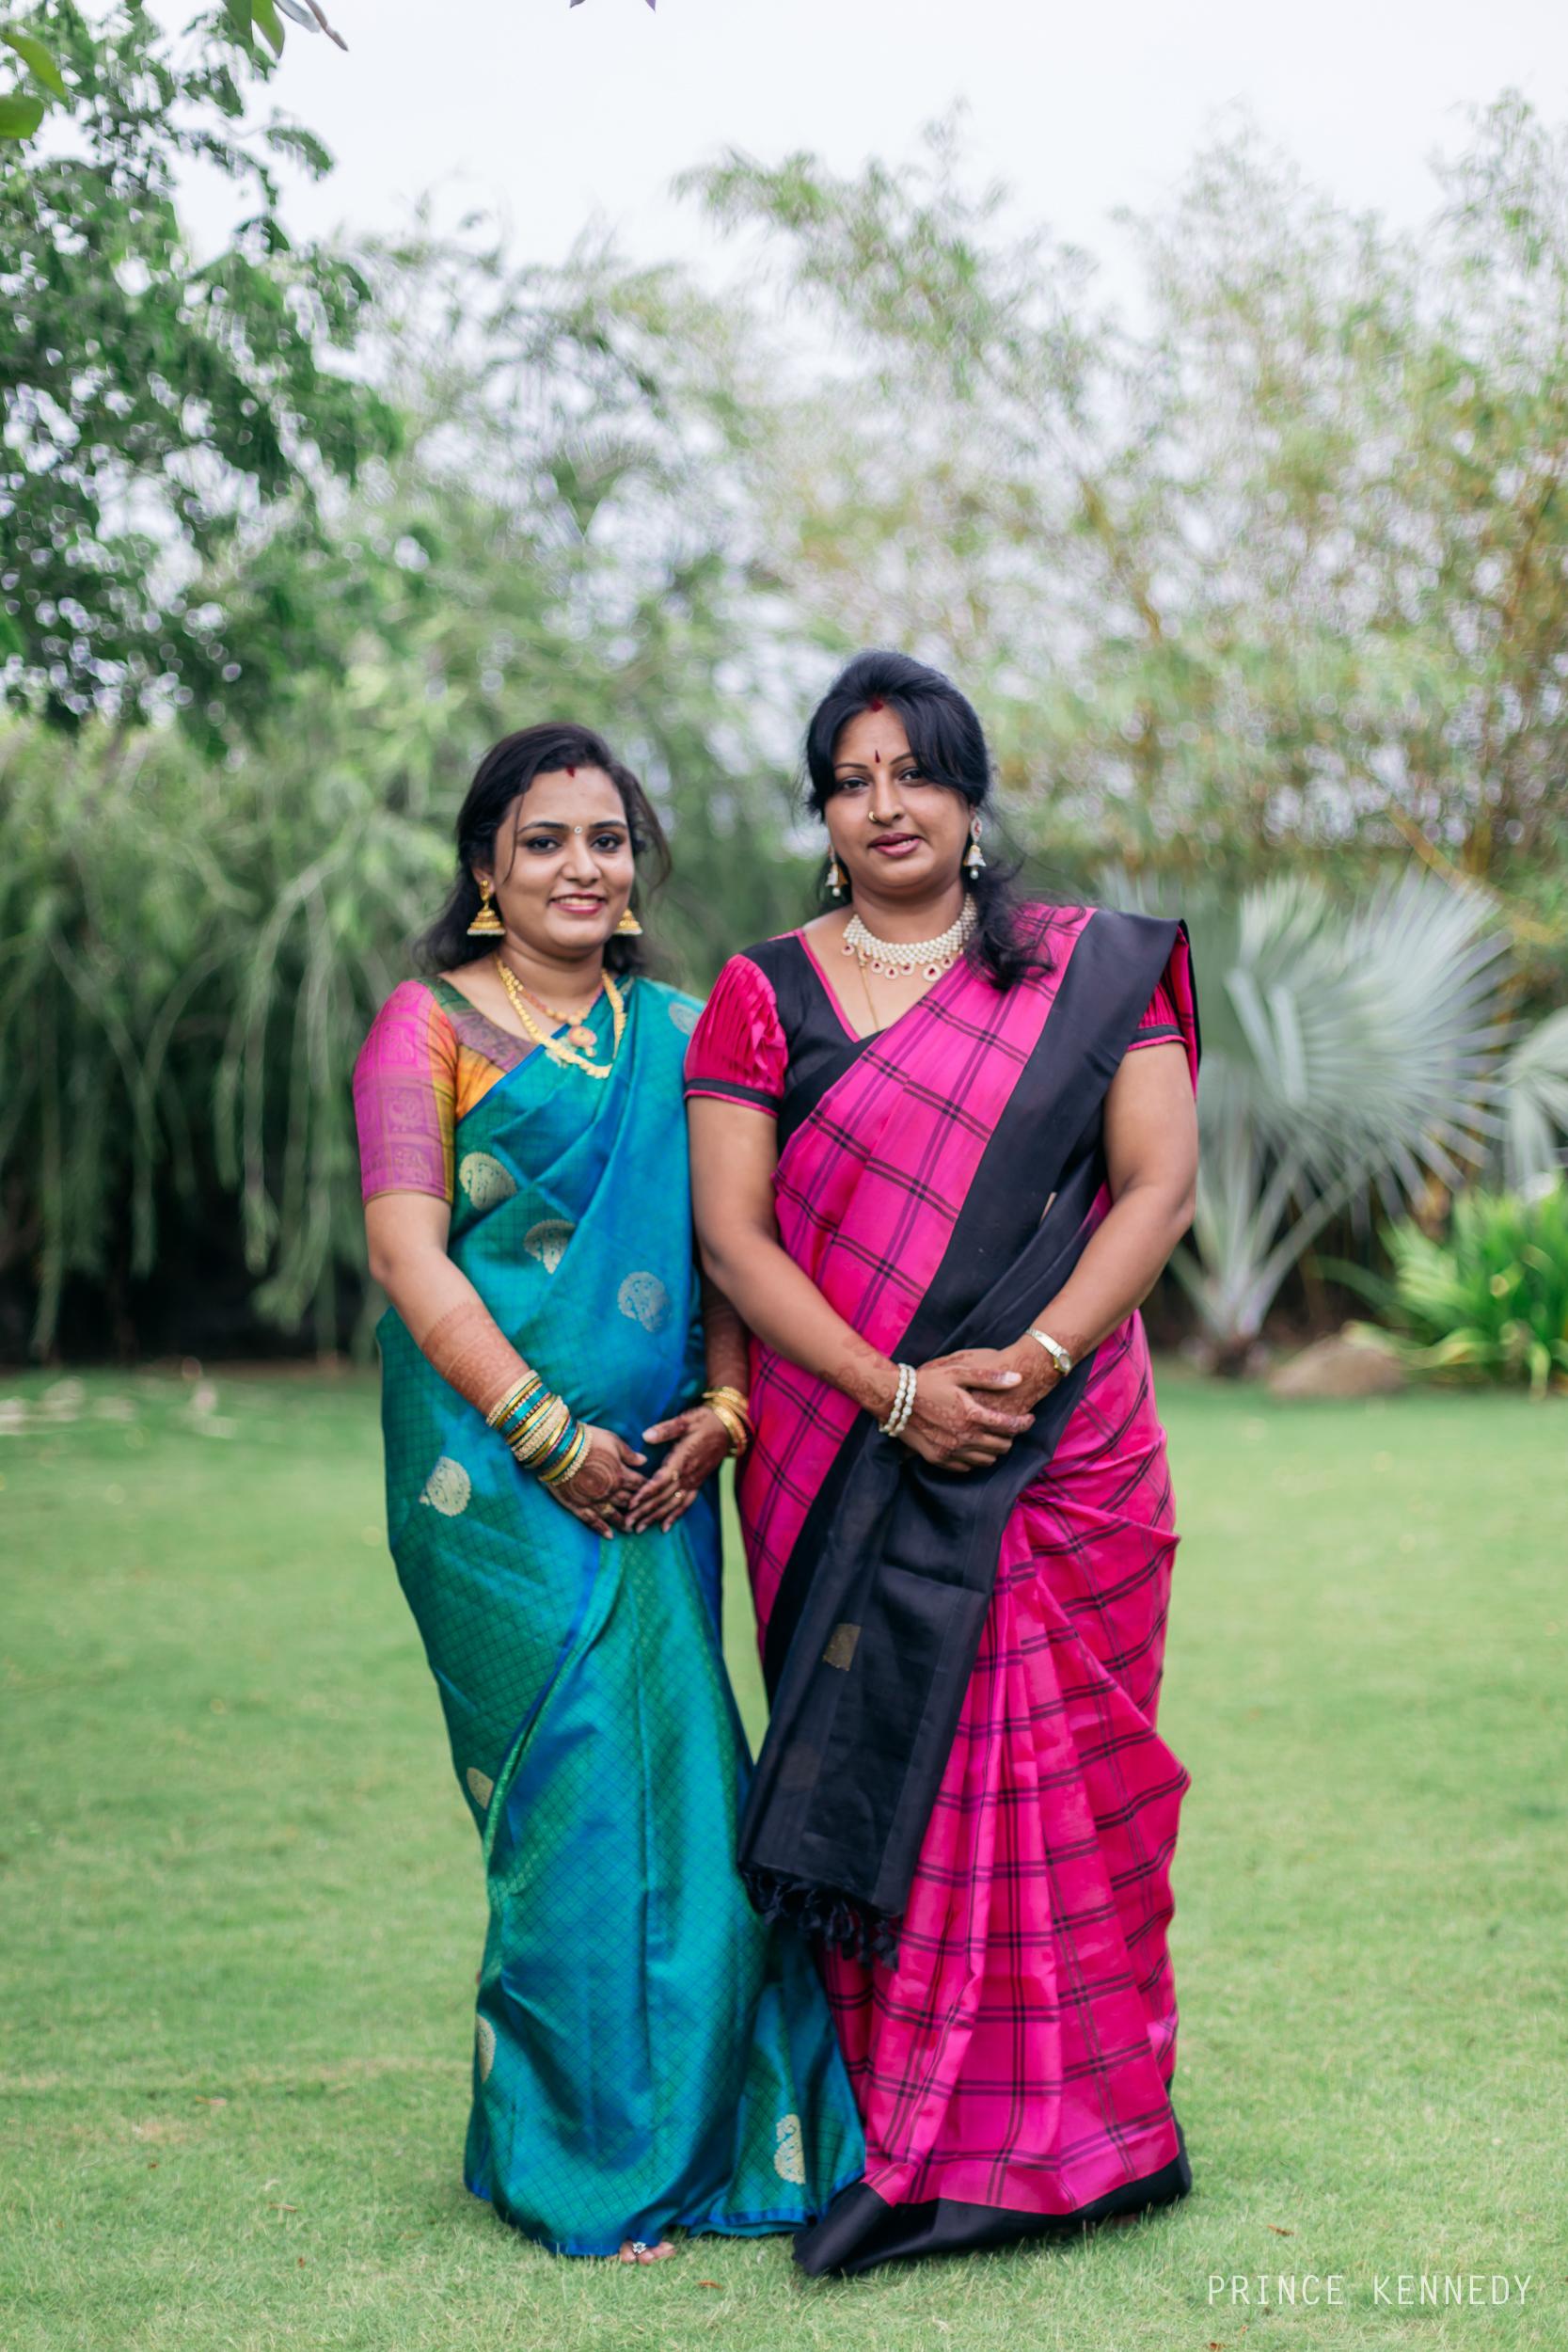 Engagement-Couple-Portrait-Portraiture-Wedding-Couple-Portrait-Chennai-Photographer-Candid-Photography-Destination-Best-Prince-Kennedy-Photography-116.jpg